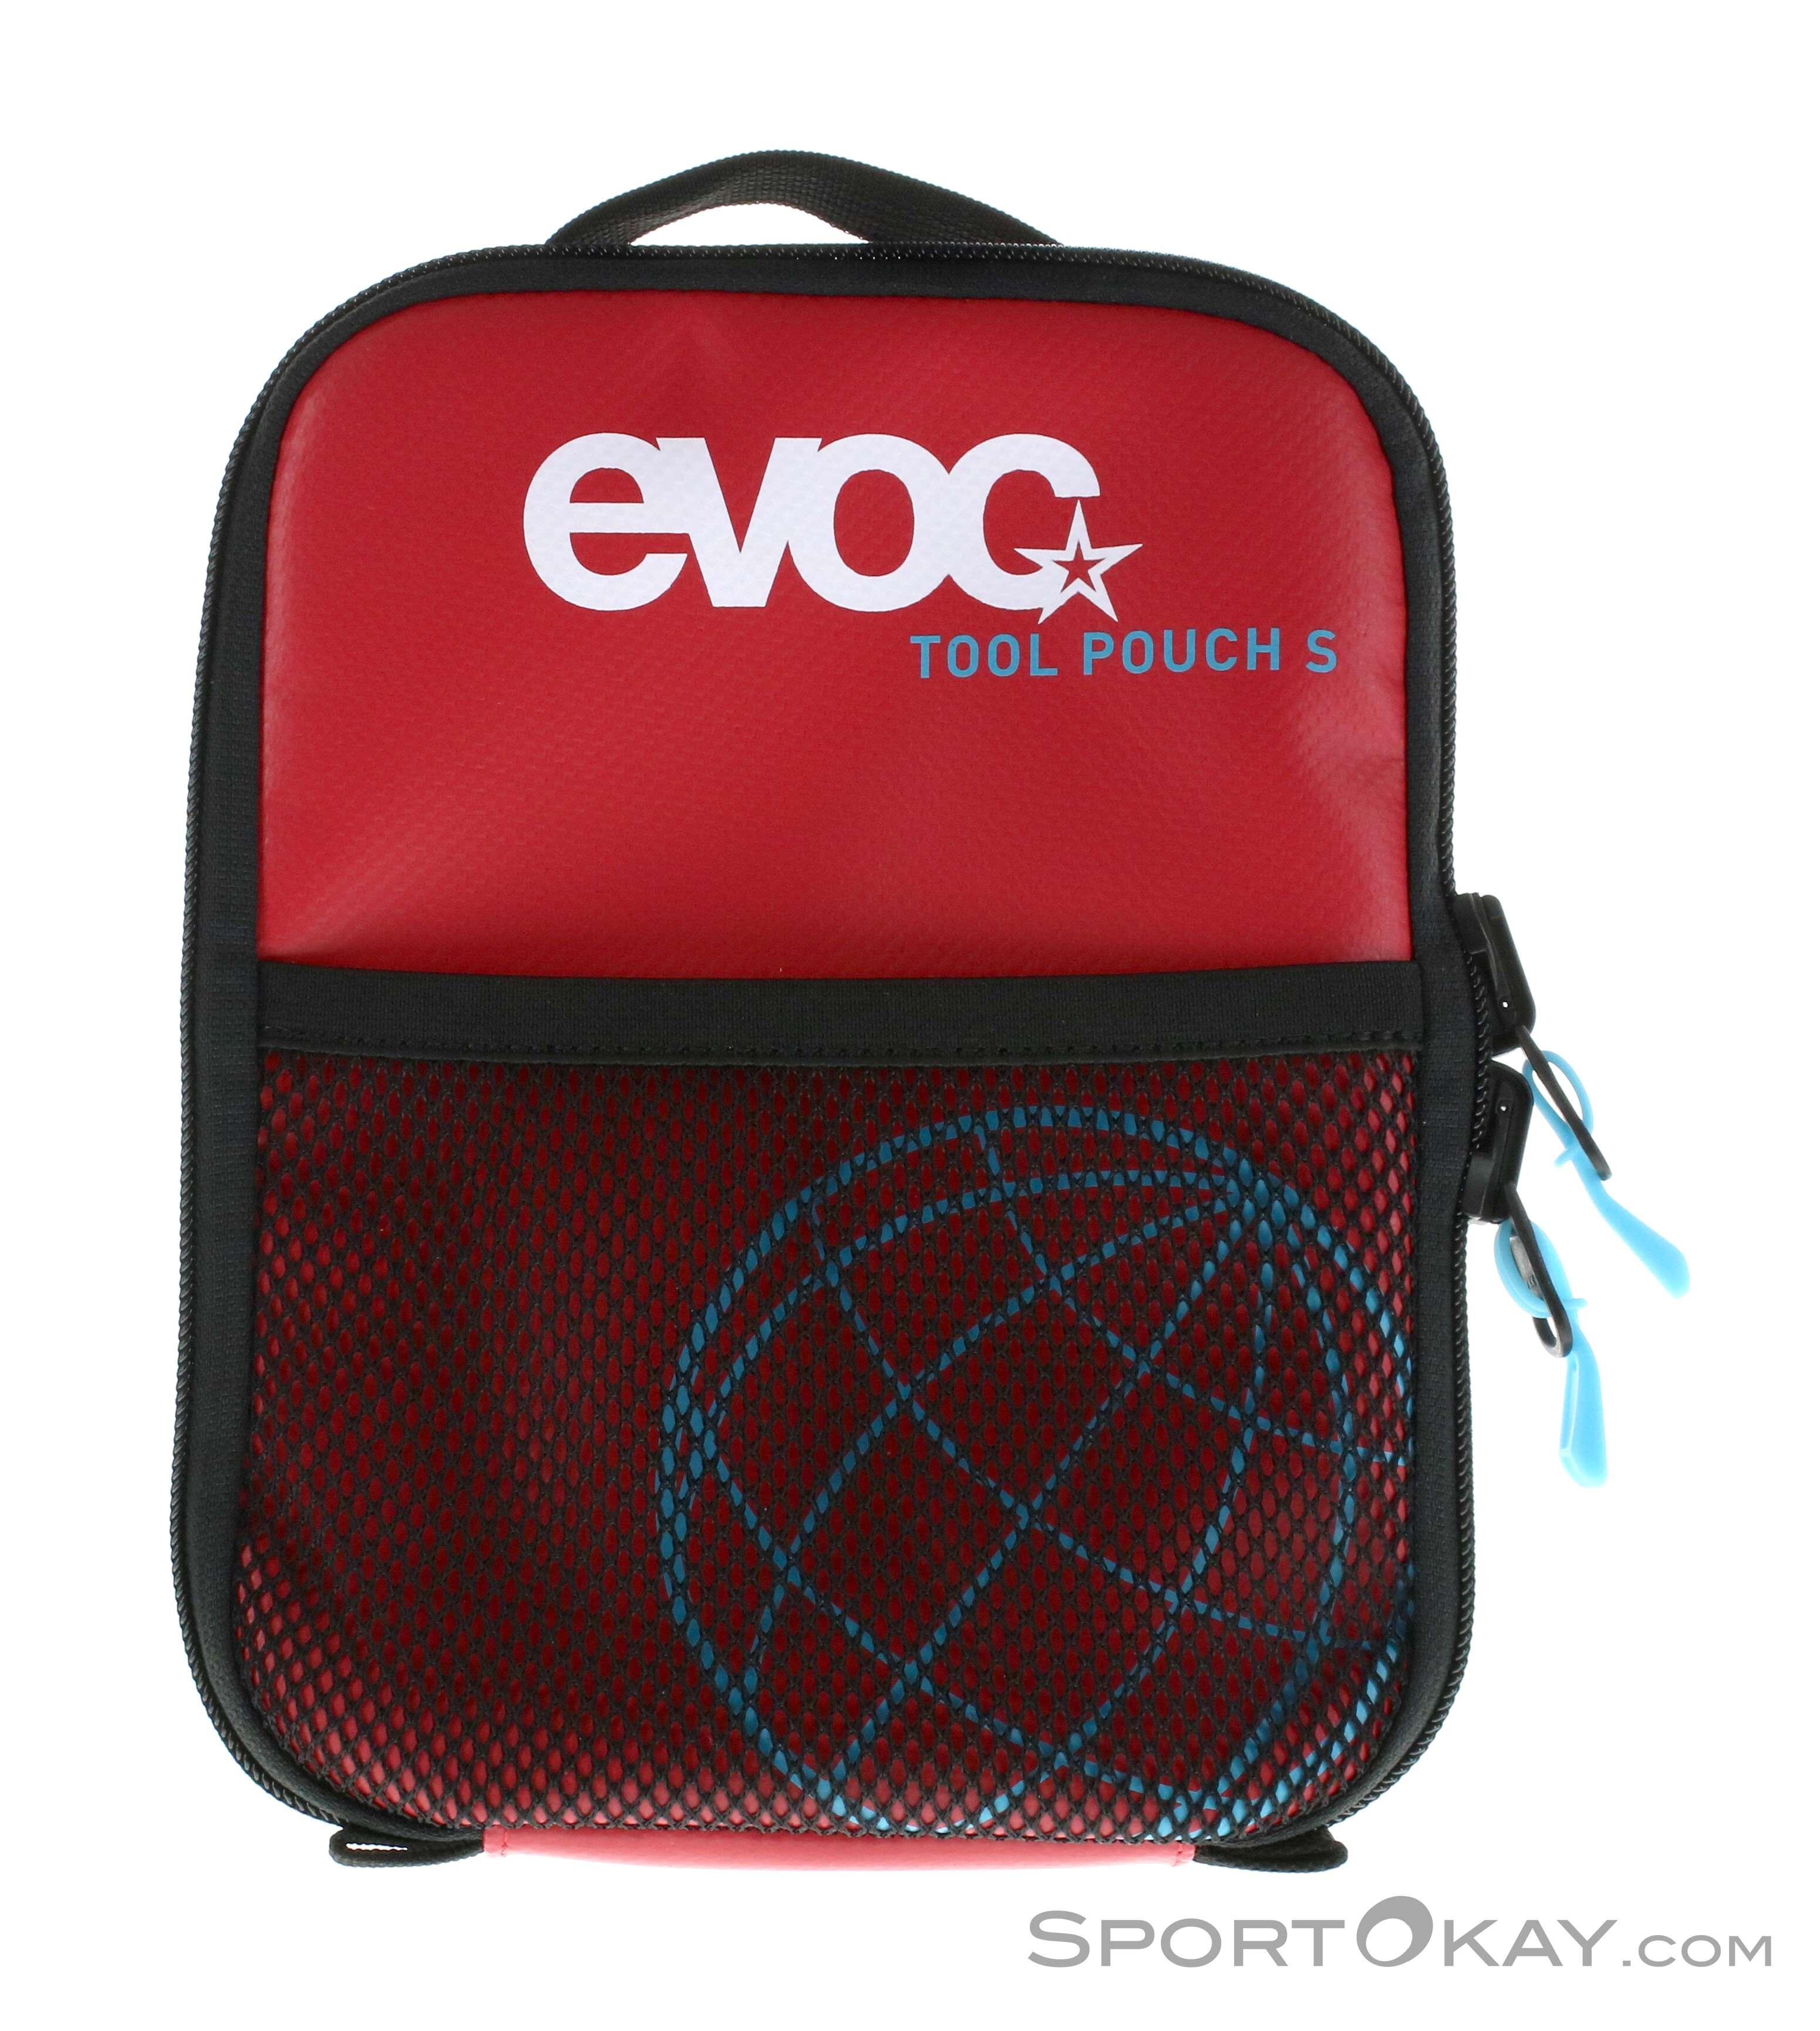 Evoc Tool Pouch Bikezubehör Tasche, Evoc, Rot, , Unisex, 0152-10159, 5637535634, 4250450713210, N1-01.jpg